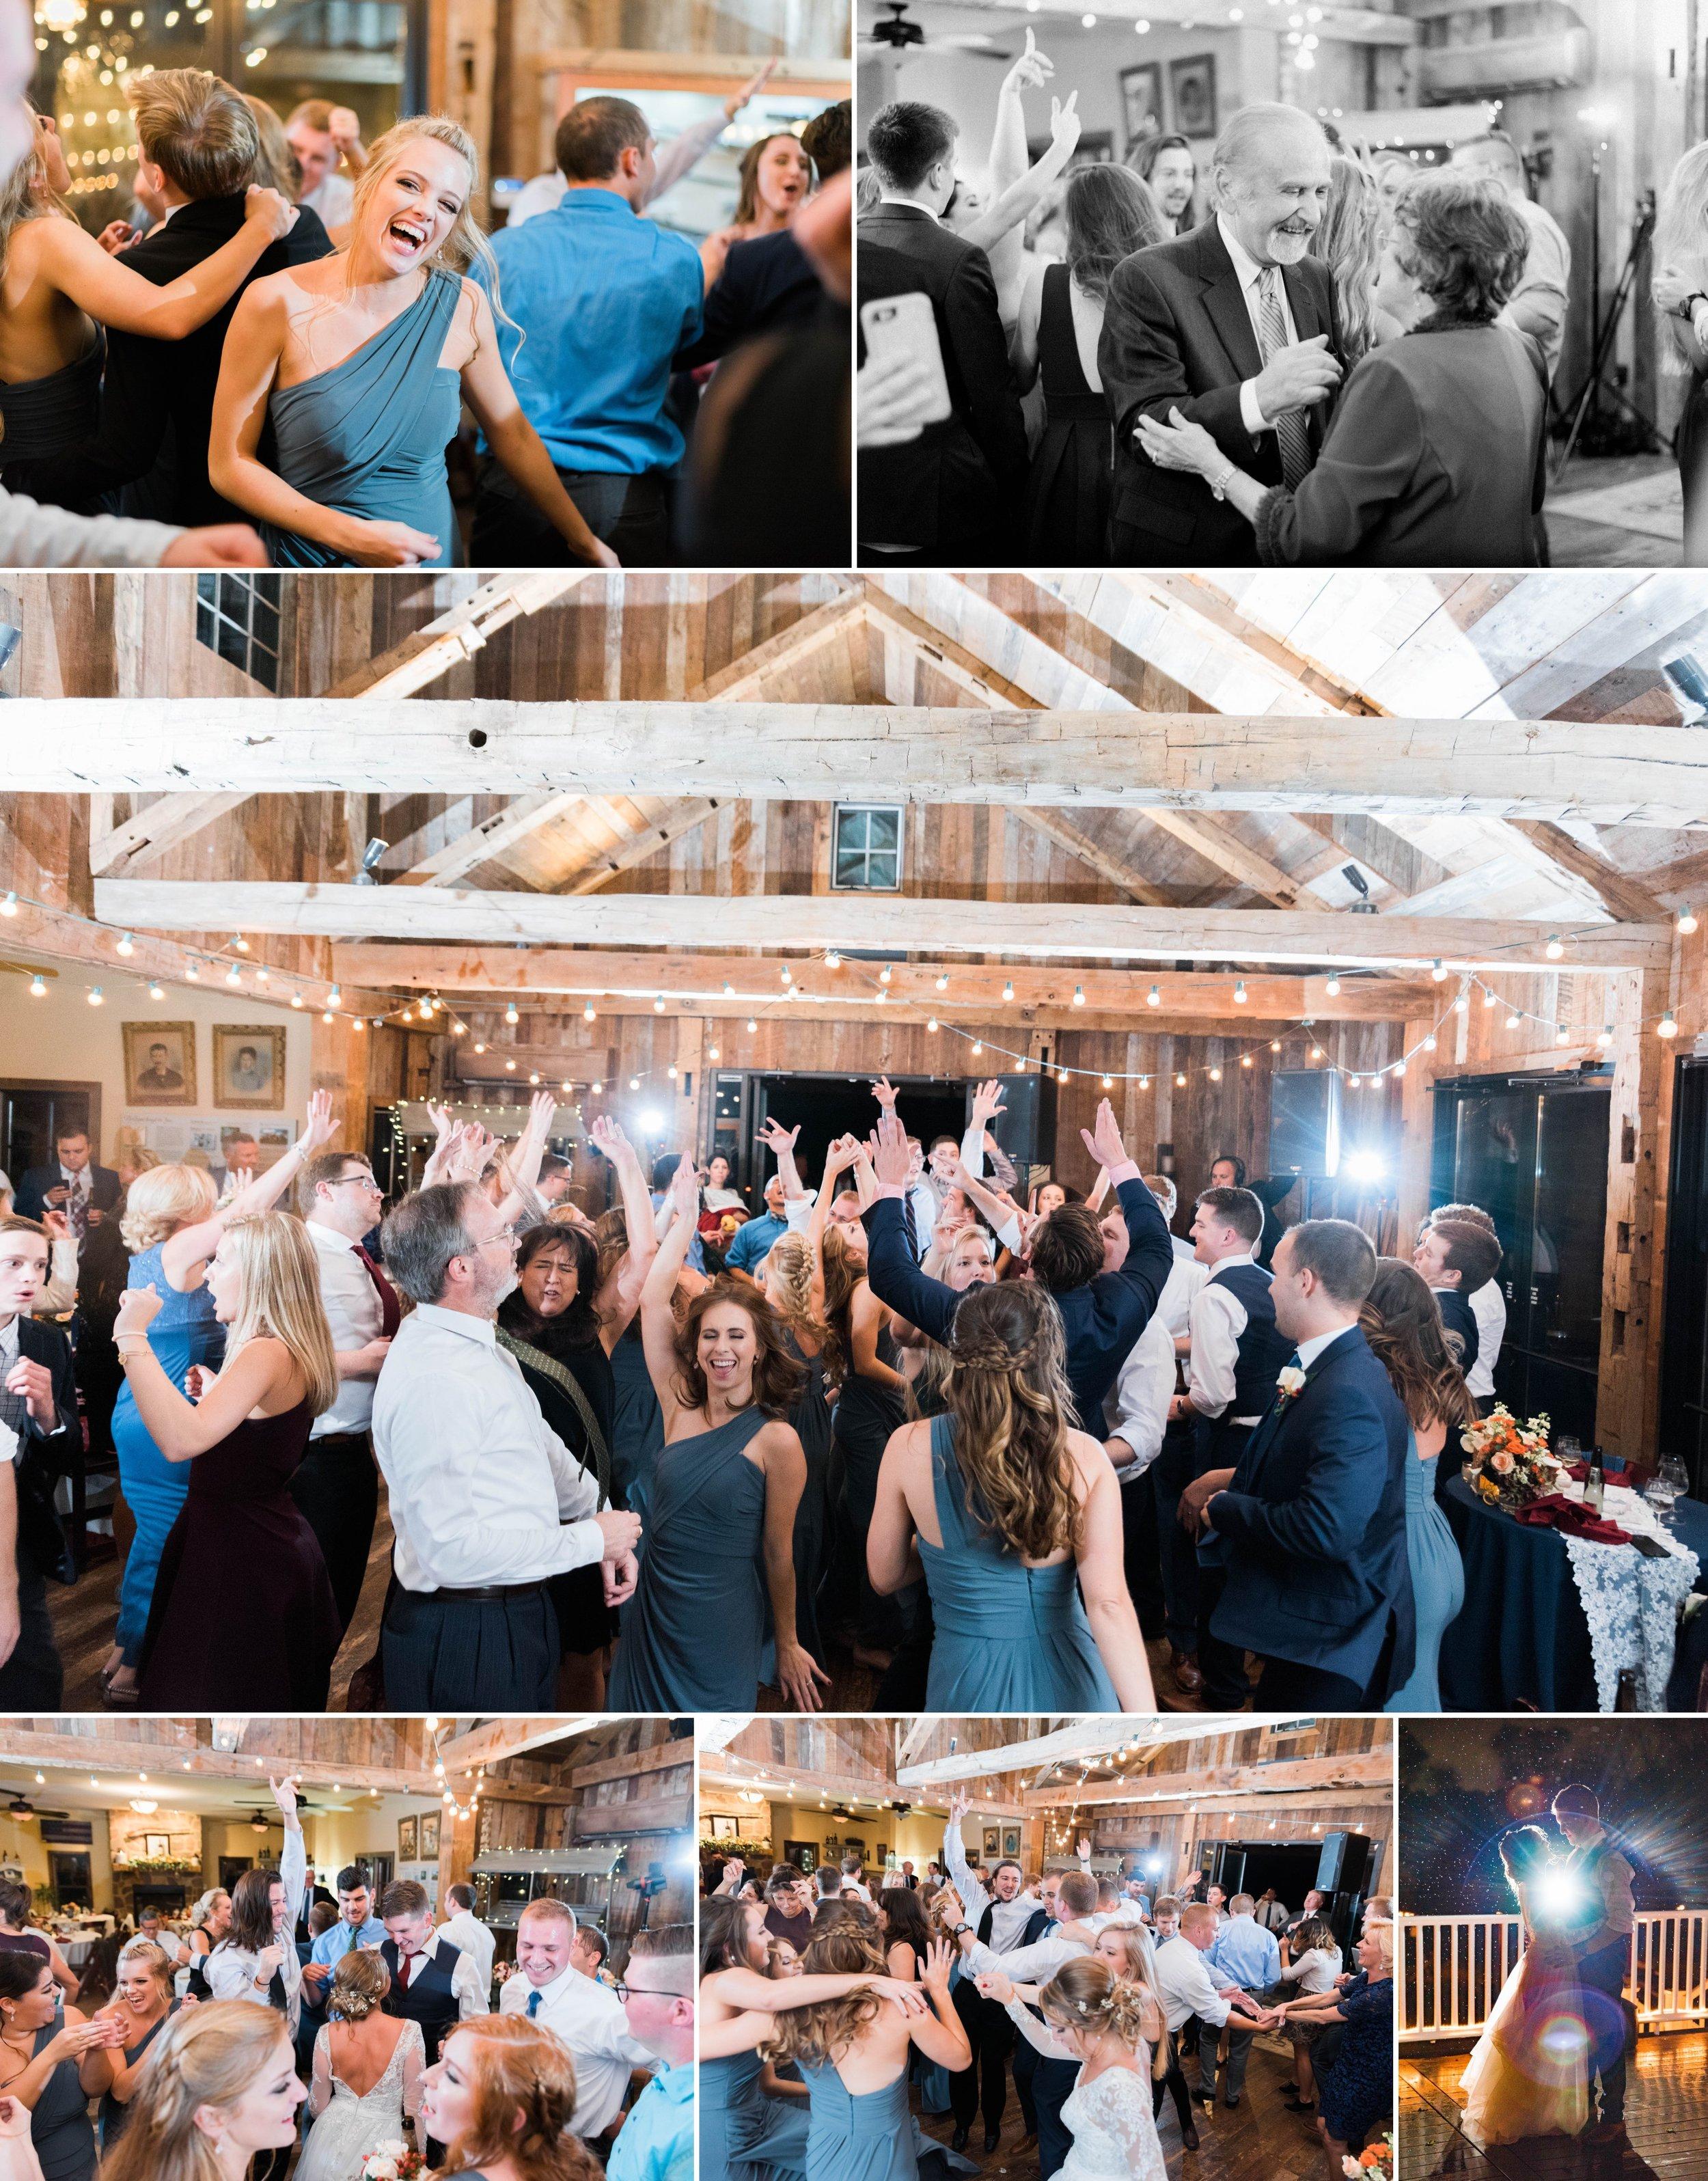 GrantElizabeth_wineryatbullrun_DCwedding_Virginiaweddingphotographer 3.jpg